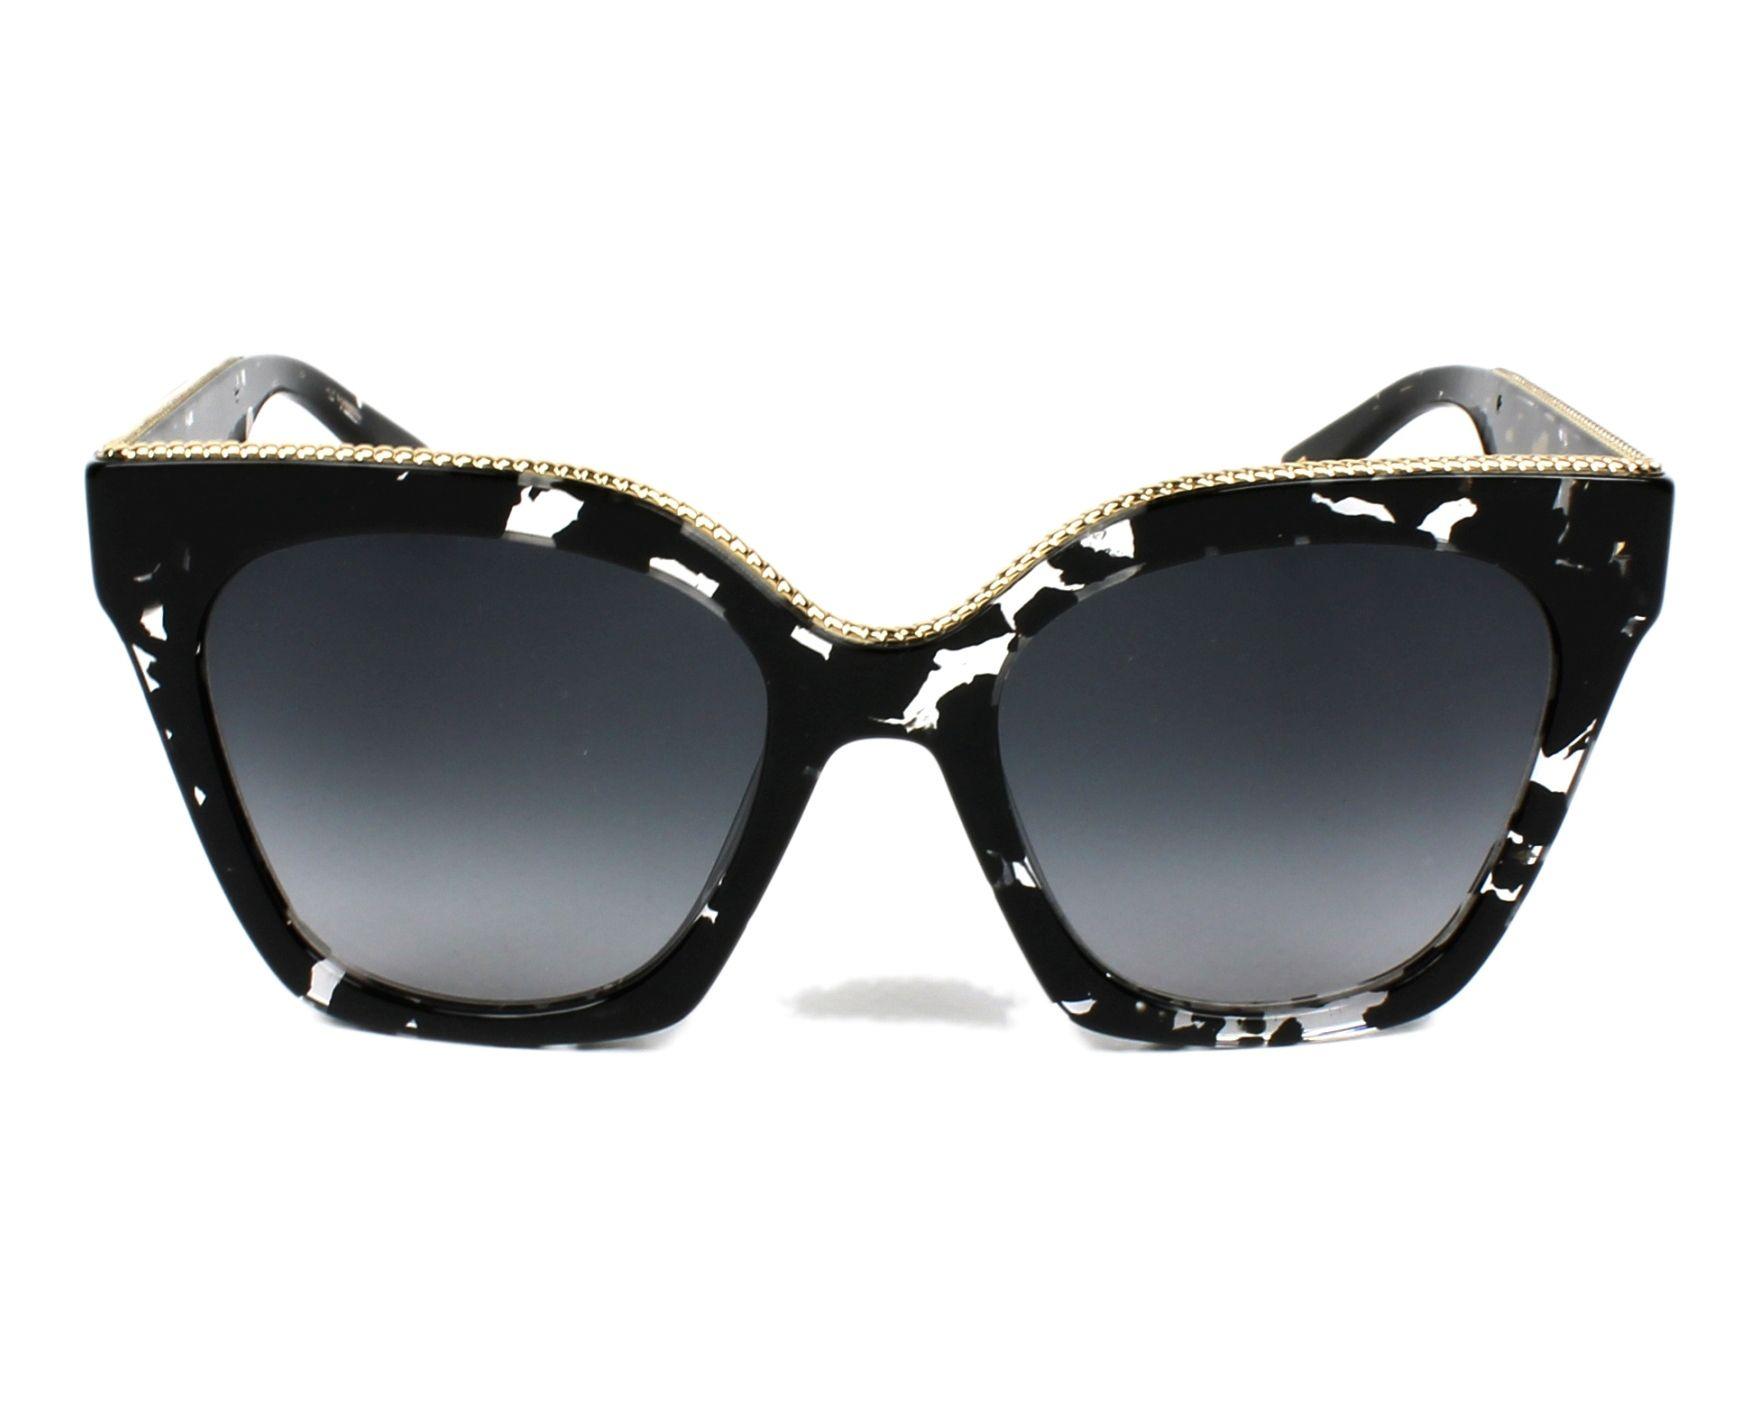 a6afdf3886af4 Sunglasses Marc Jacobs MARC-162-S 9WZ 9O 52-19 Black Crystal